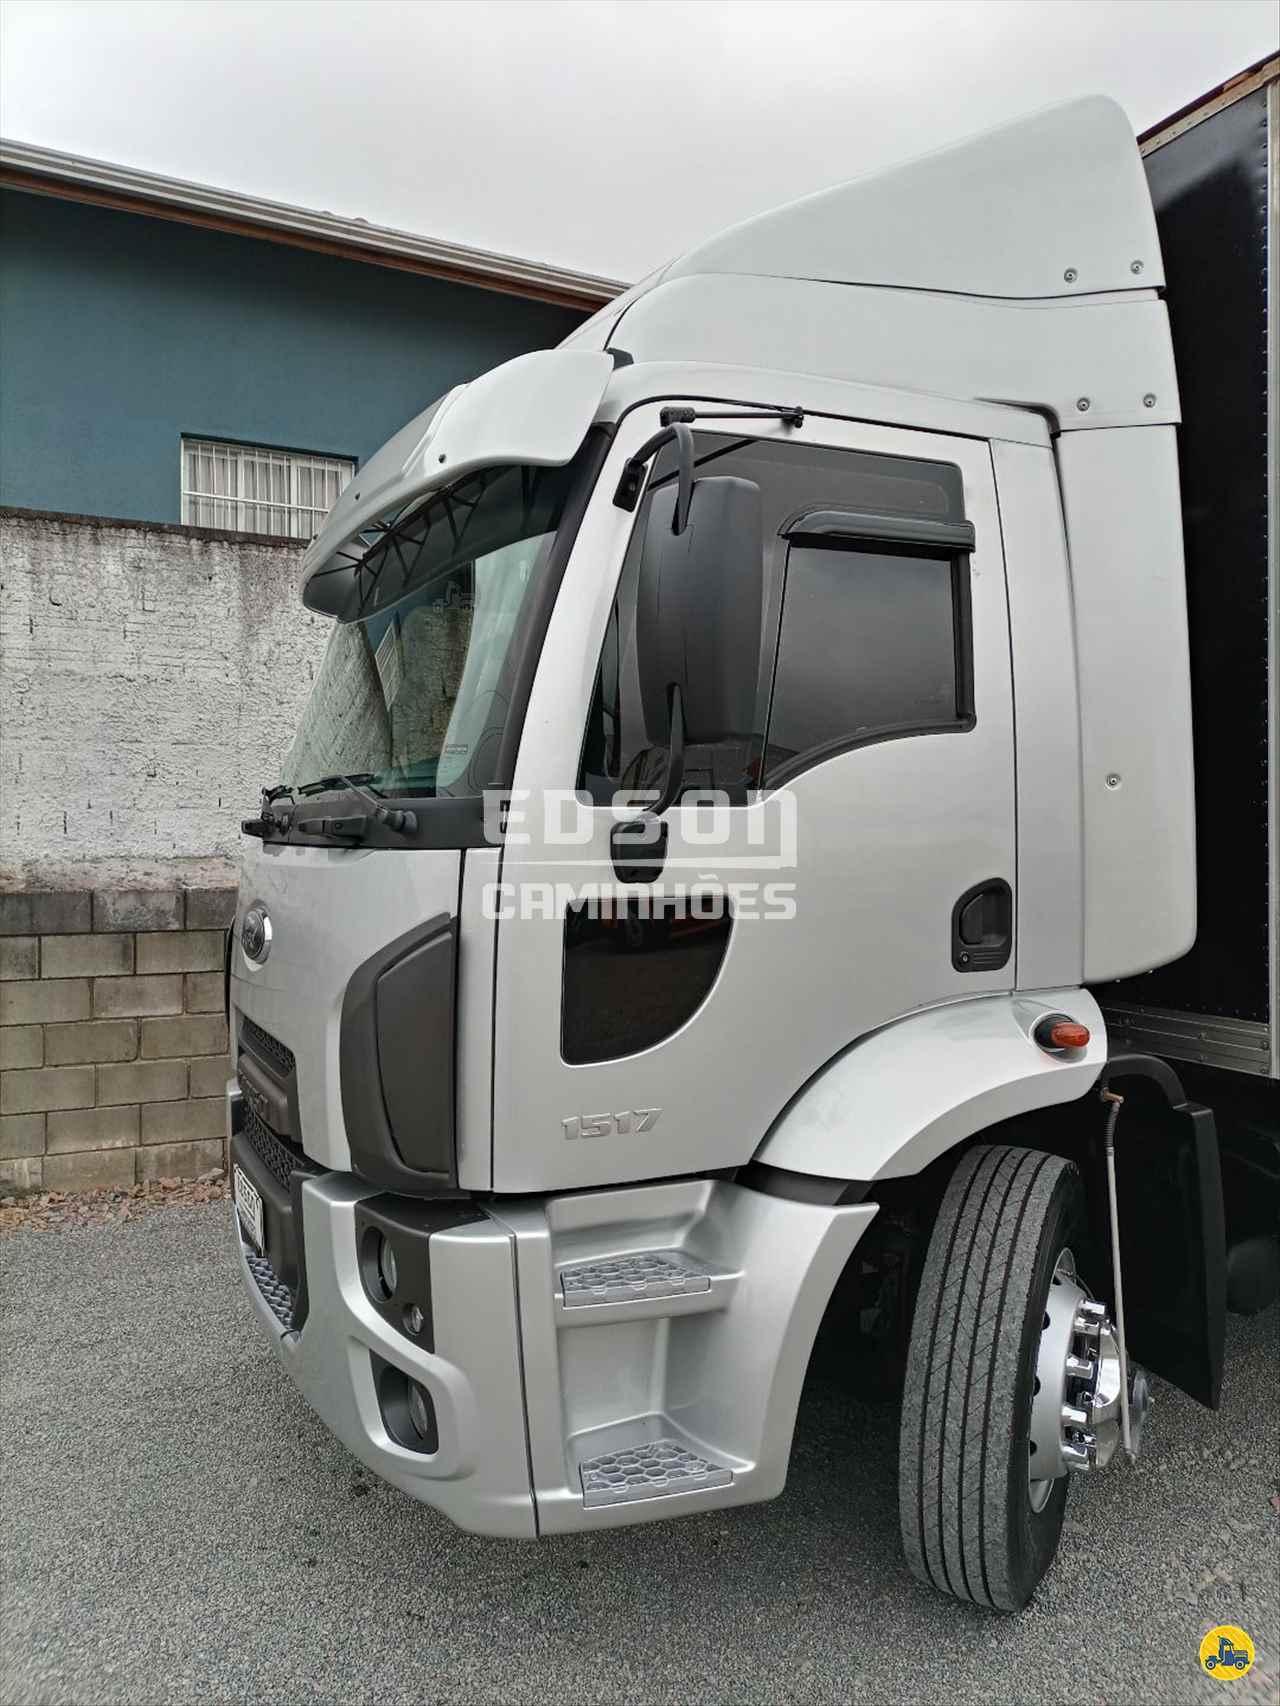 CAMINHAO FORD CARGO 1517 Baú Furgão Truck 6x2 Edson Caminhões CURITIBA PARANÁ PR